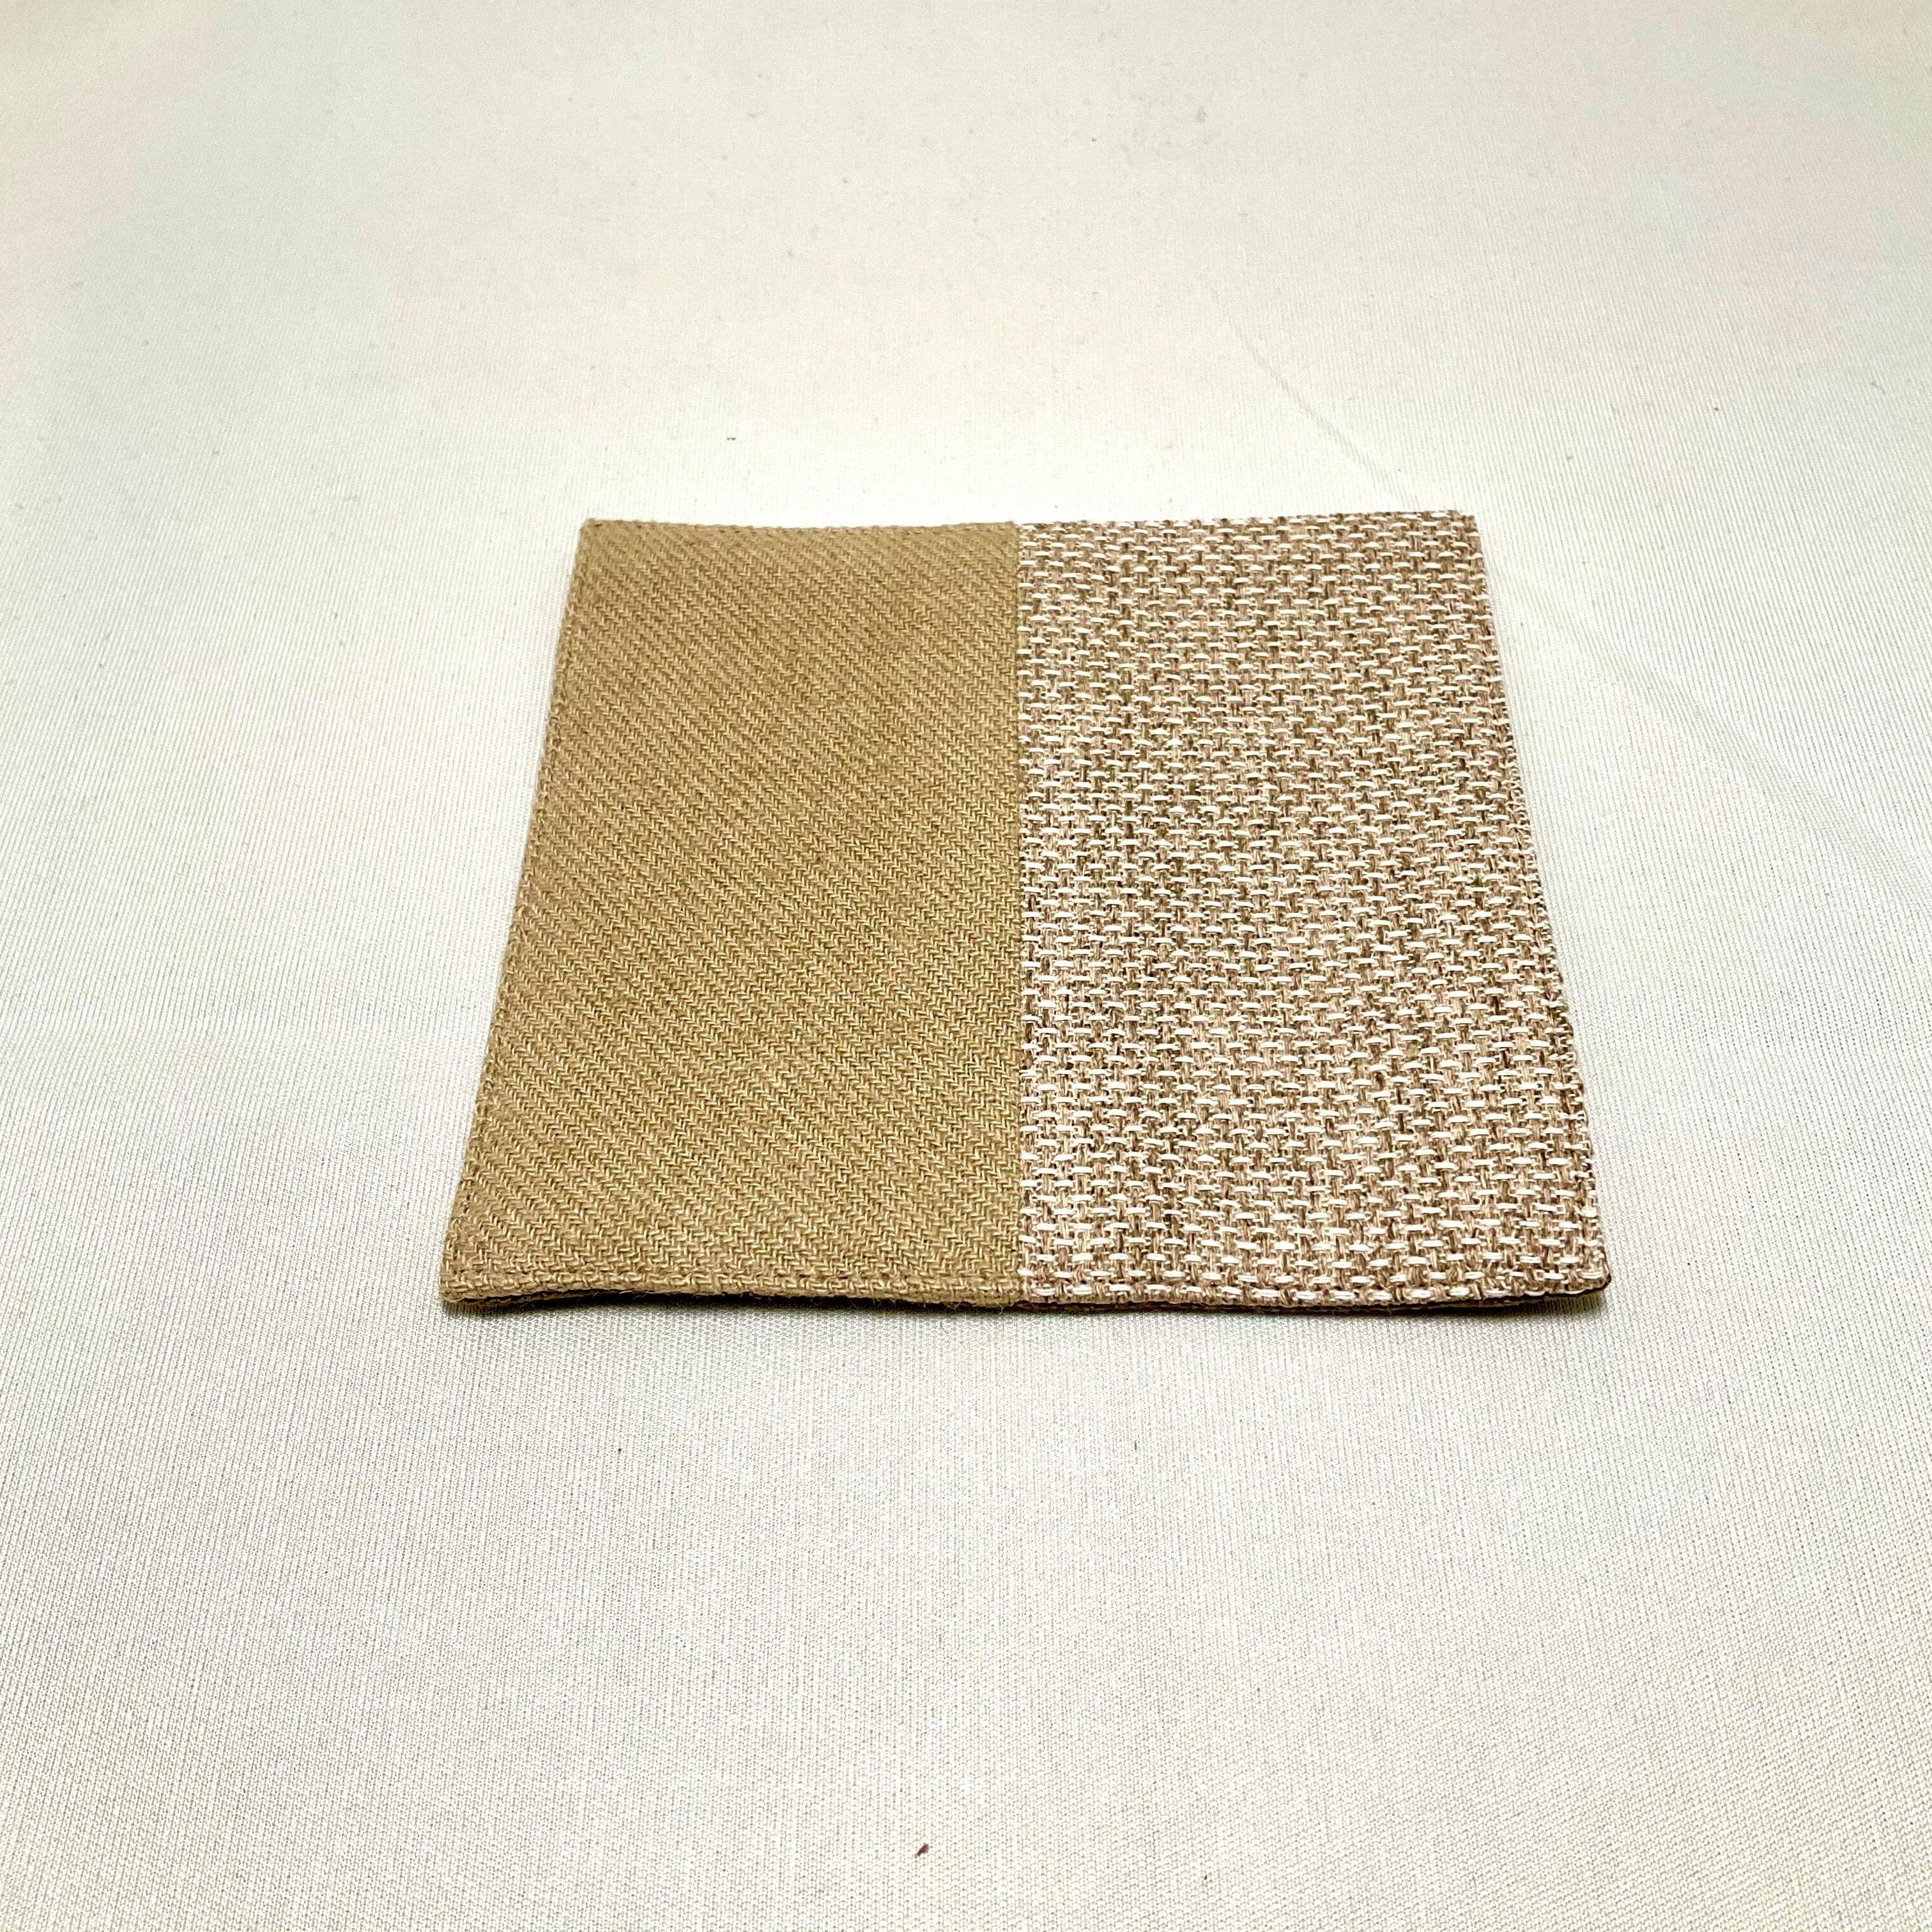 【ワーキングオフィス】布コースター・樹林(イエロー・ターコイズ)IKI1380